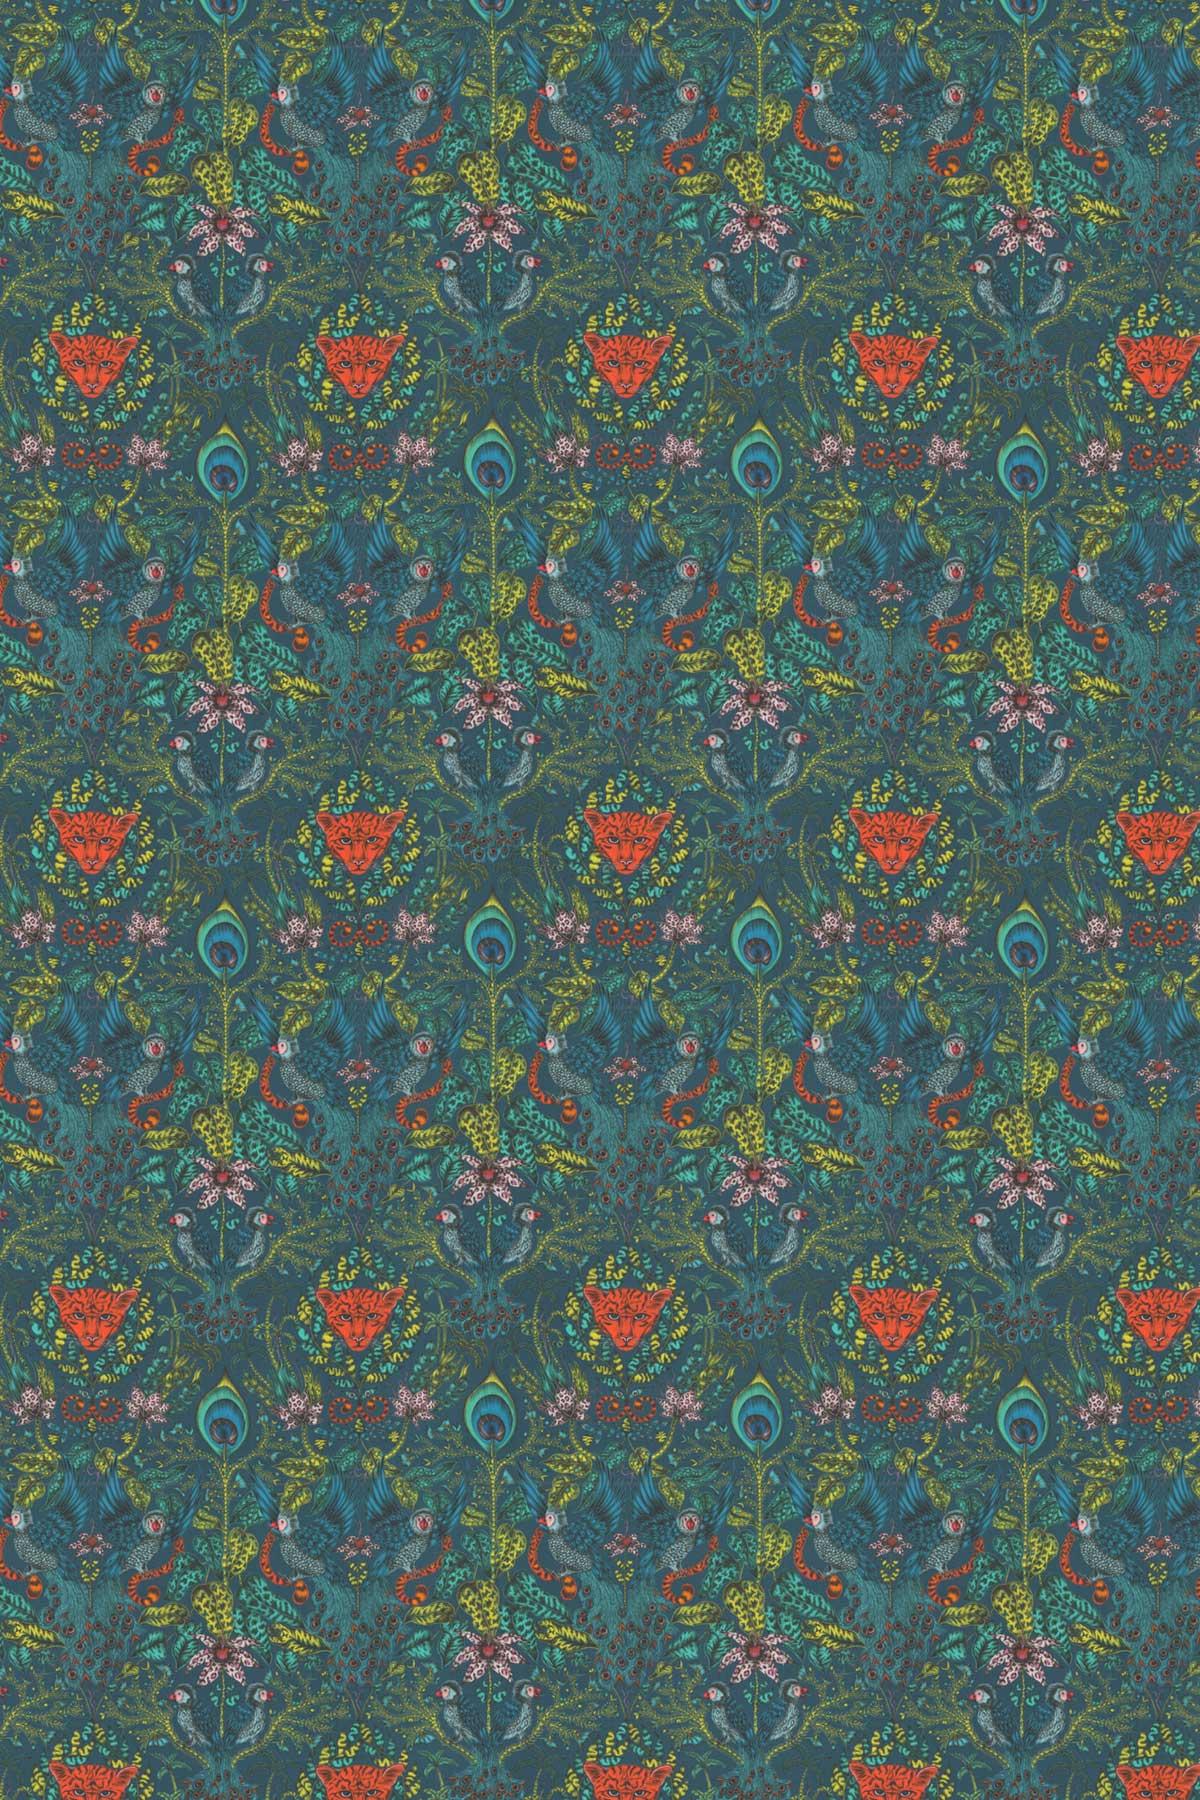 Emma J Shipley Amazon Navy Fabric - Product code: F1107/03